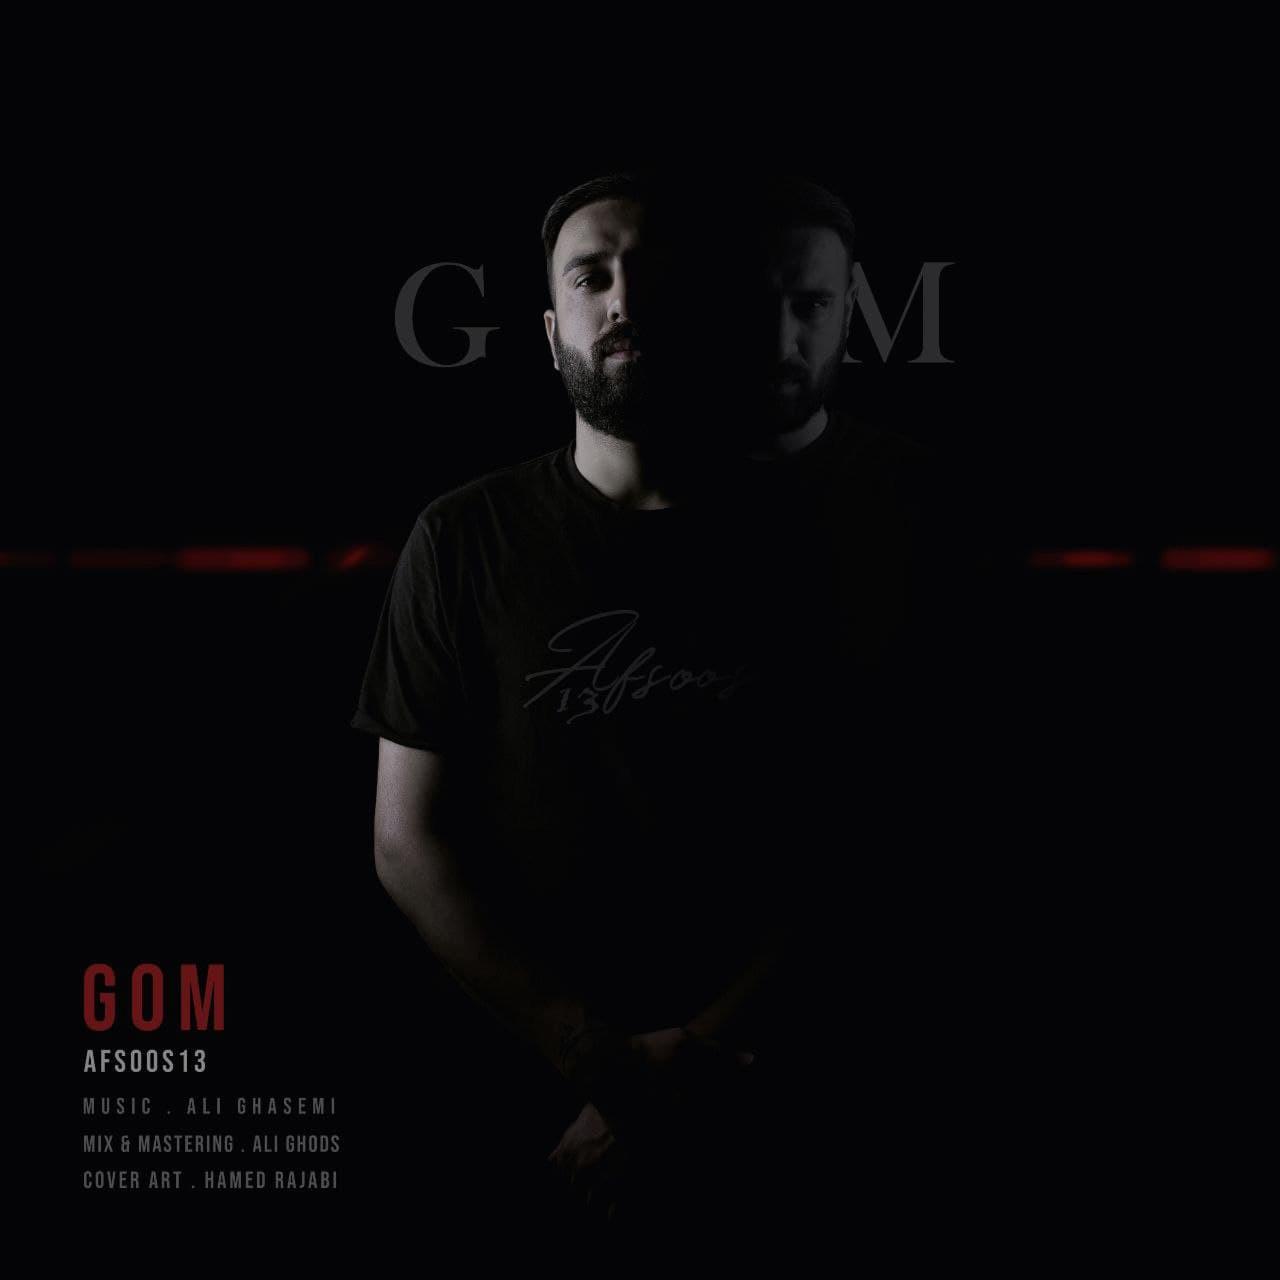 Afsoos13 - Gom